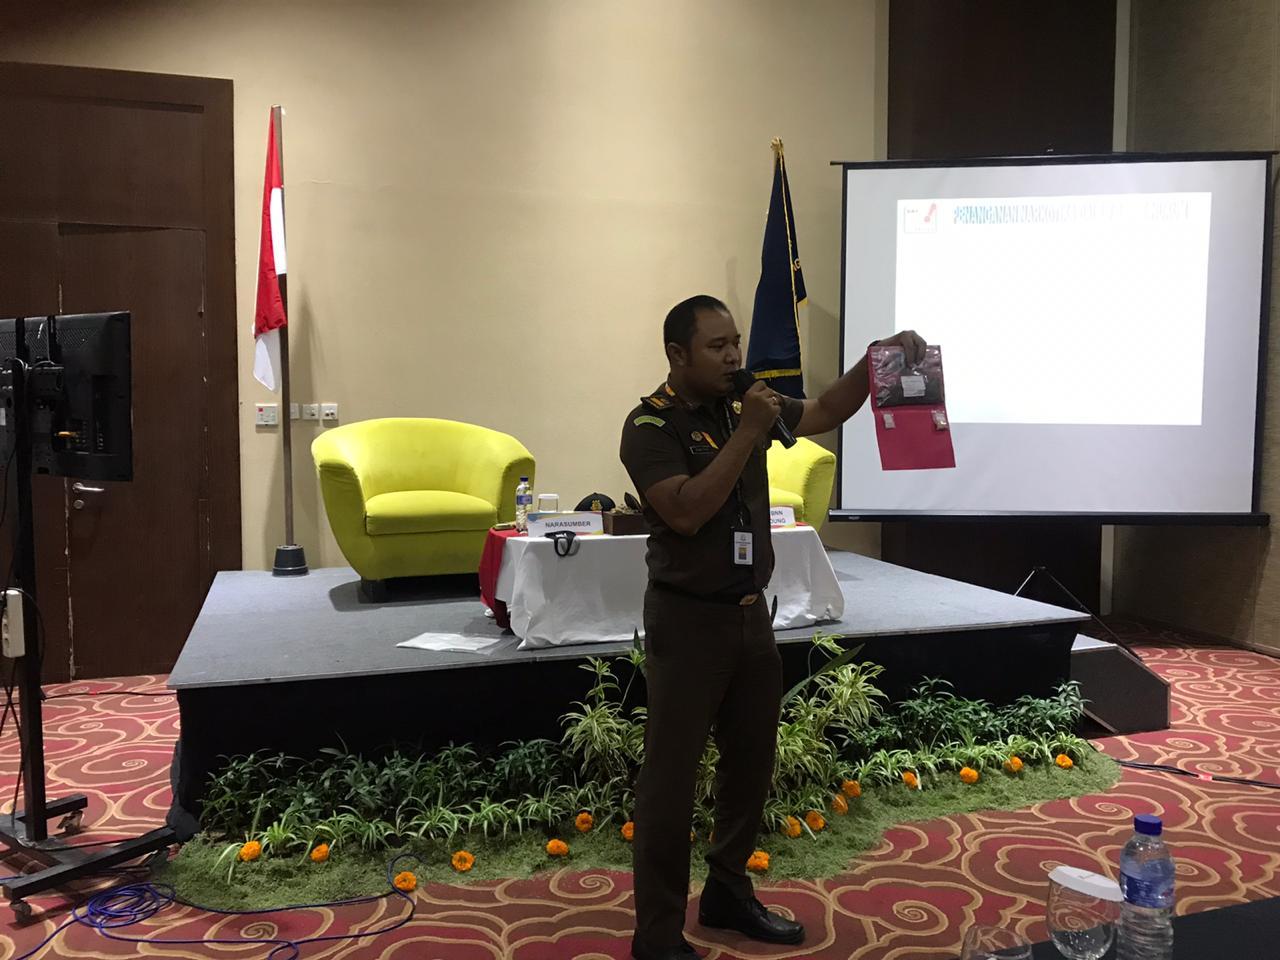 Penyampaian Materi dalam kegiatan yang diselenggarakan oleh BNN Kab. Badung mengenai Penanganan Narkoba Dalam Aspek Hukum.